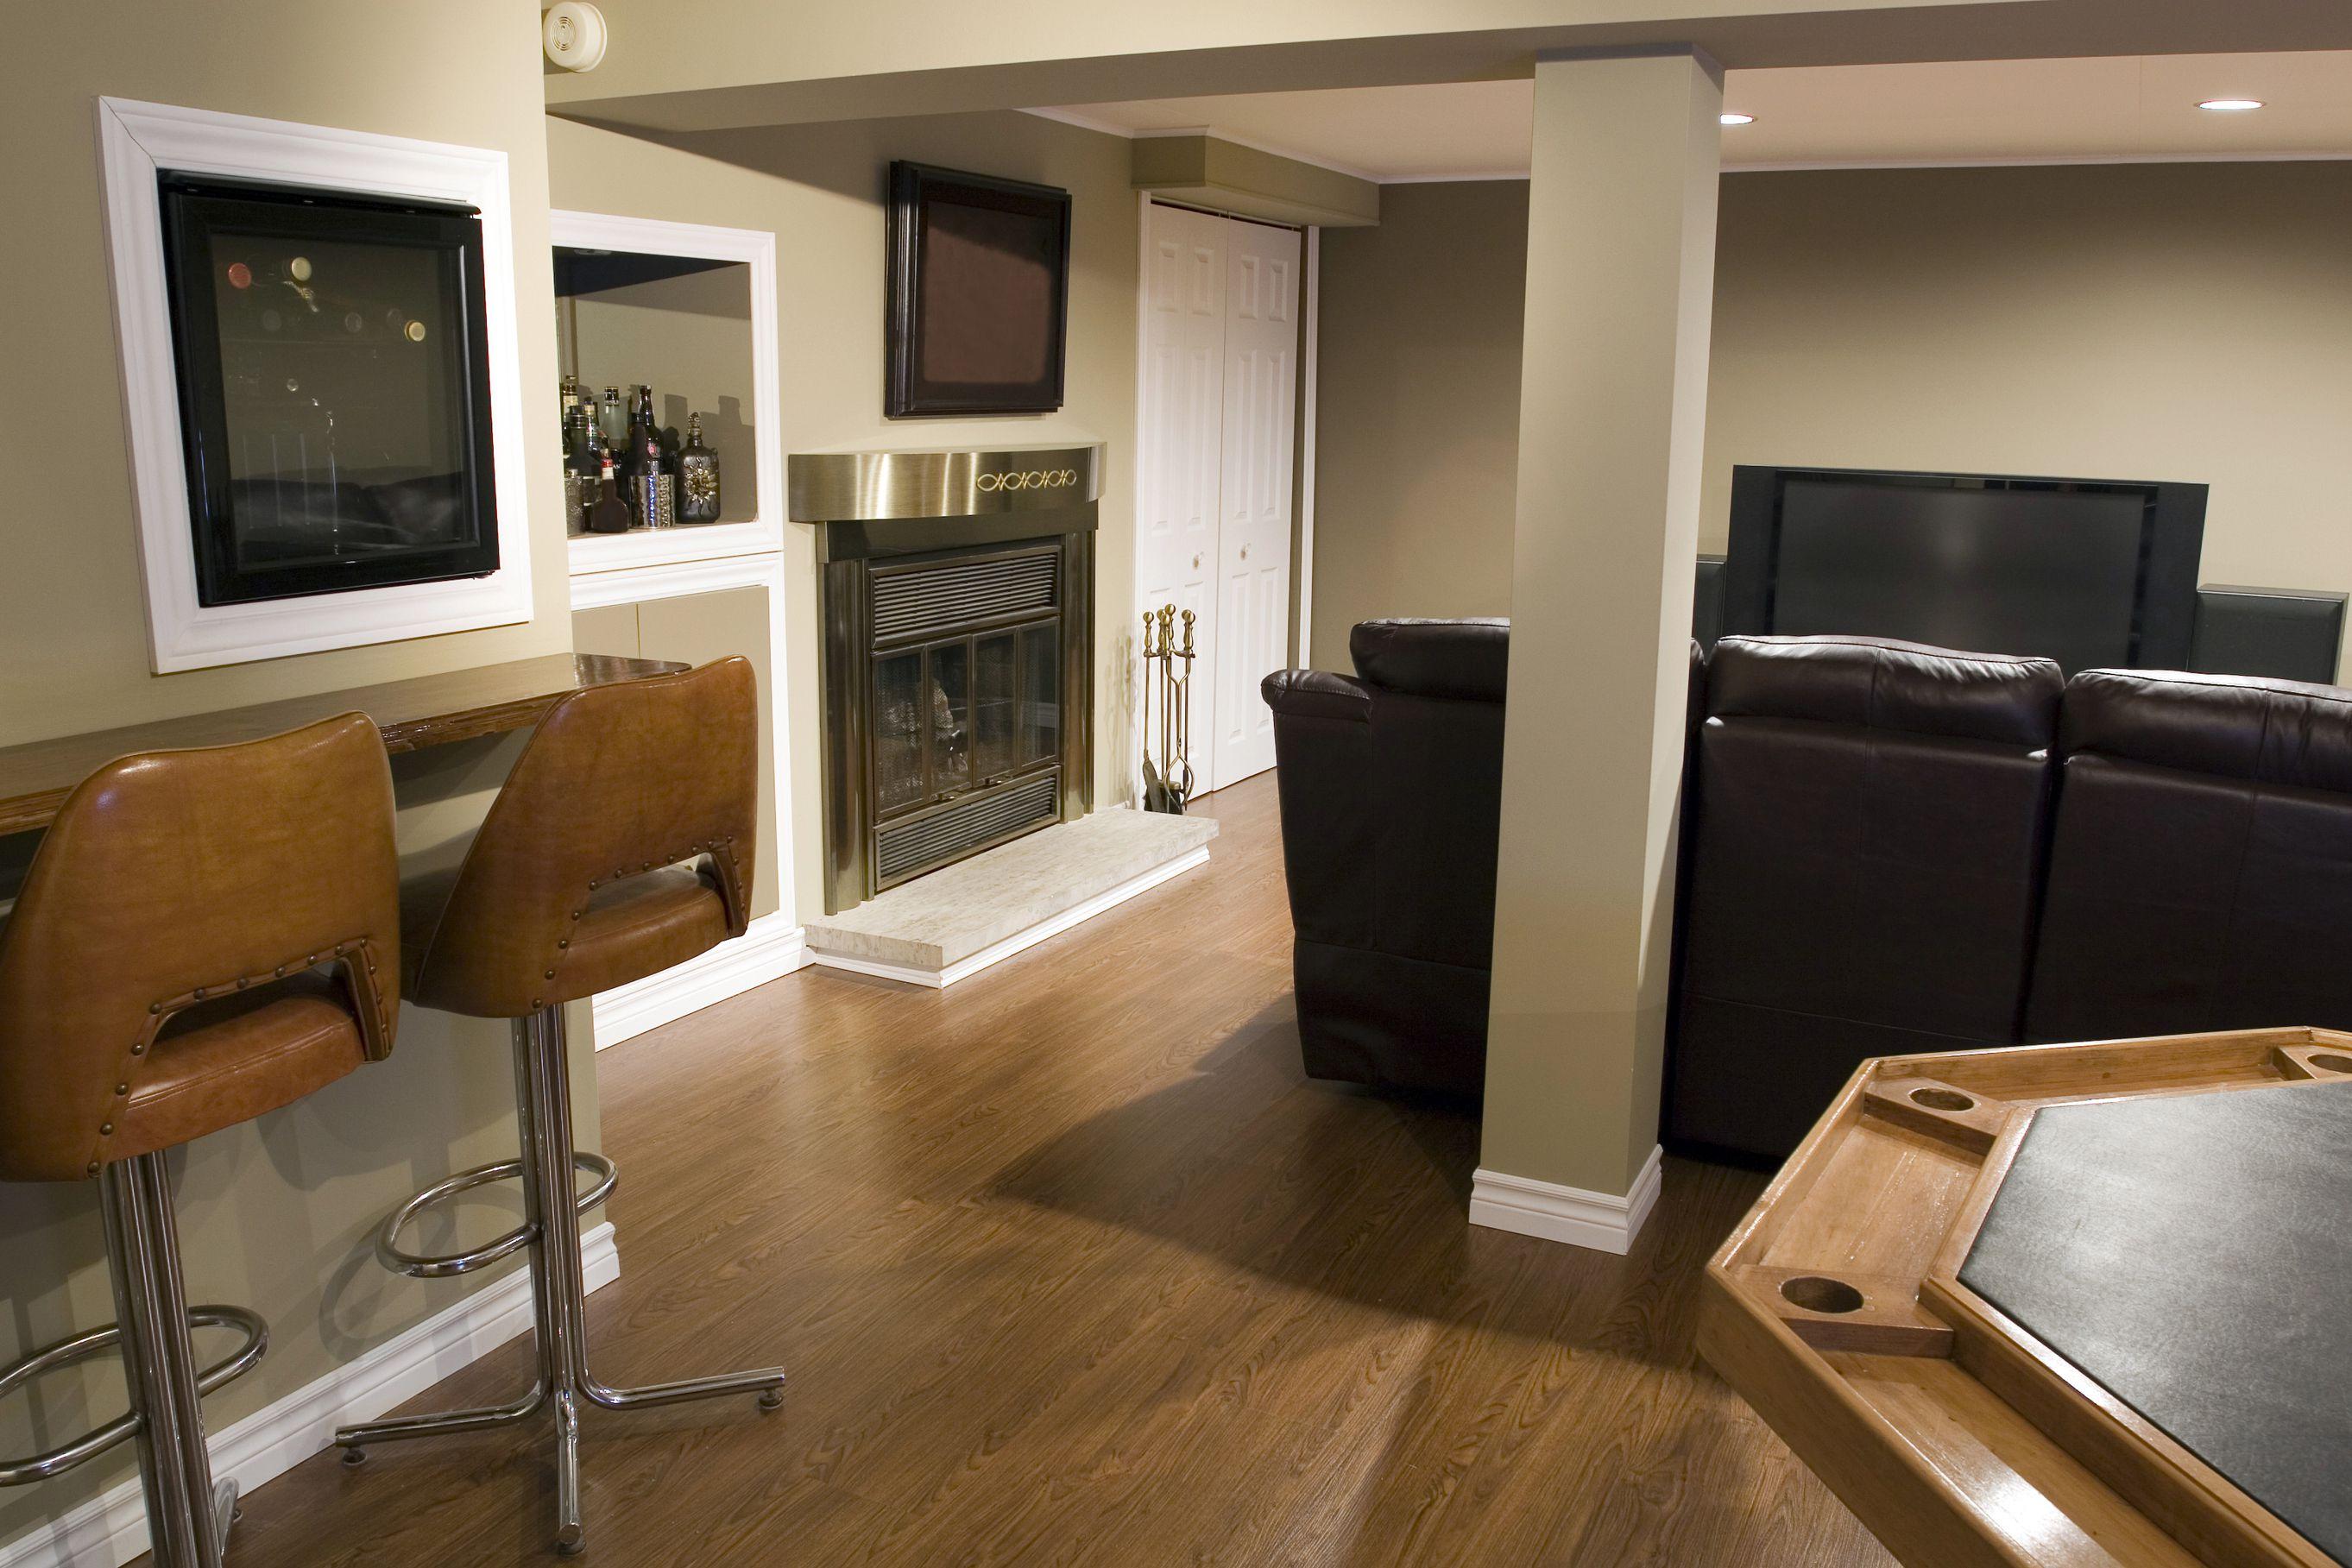 Best Basement Flooring Options Wiring A Canada